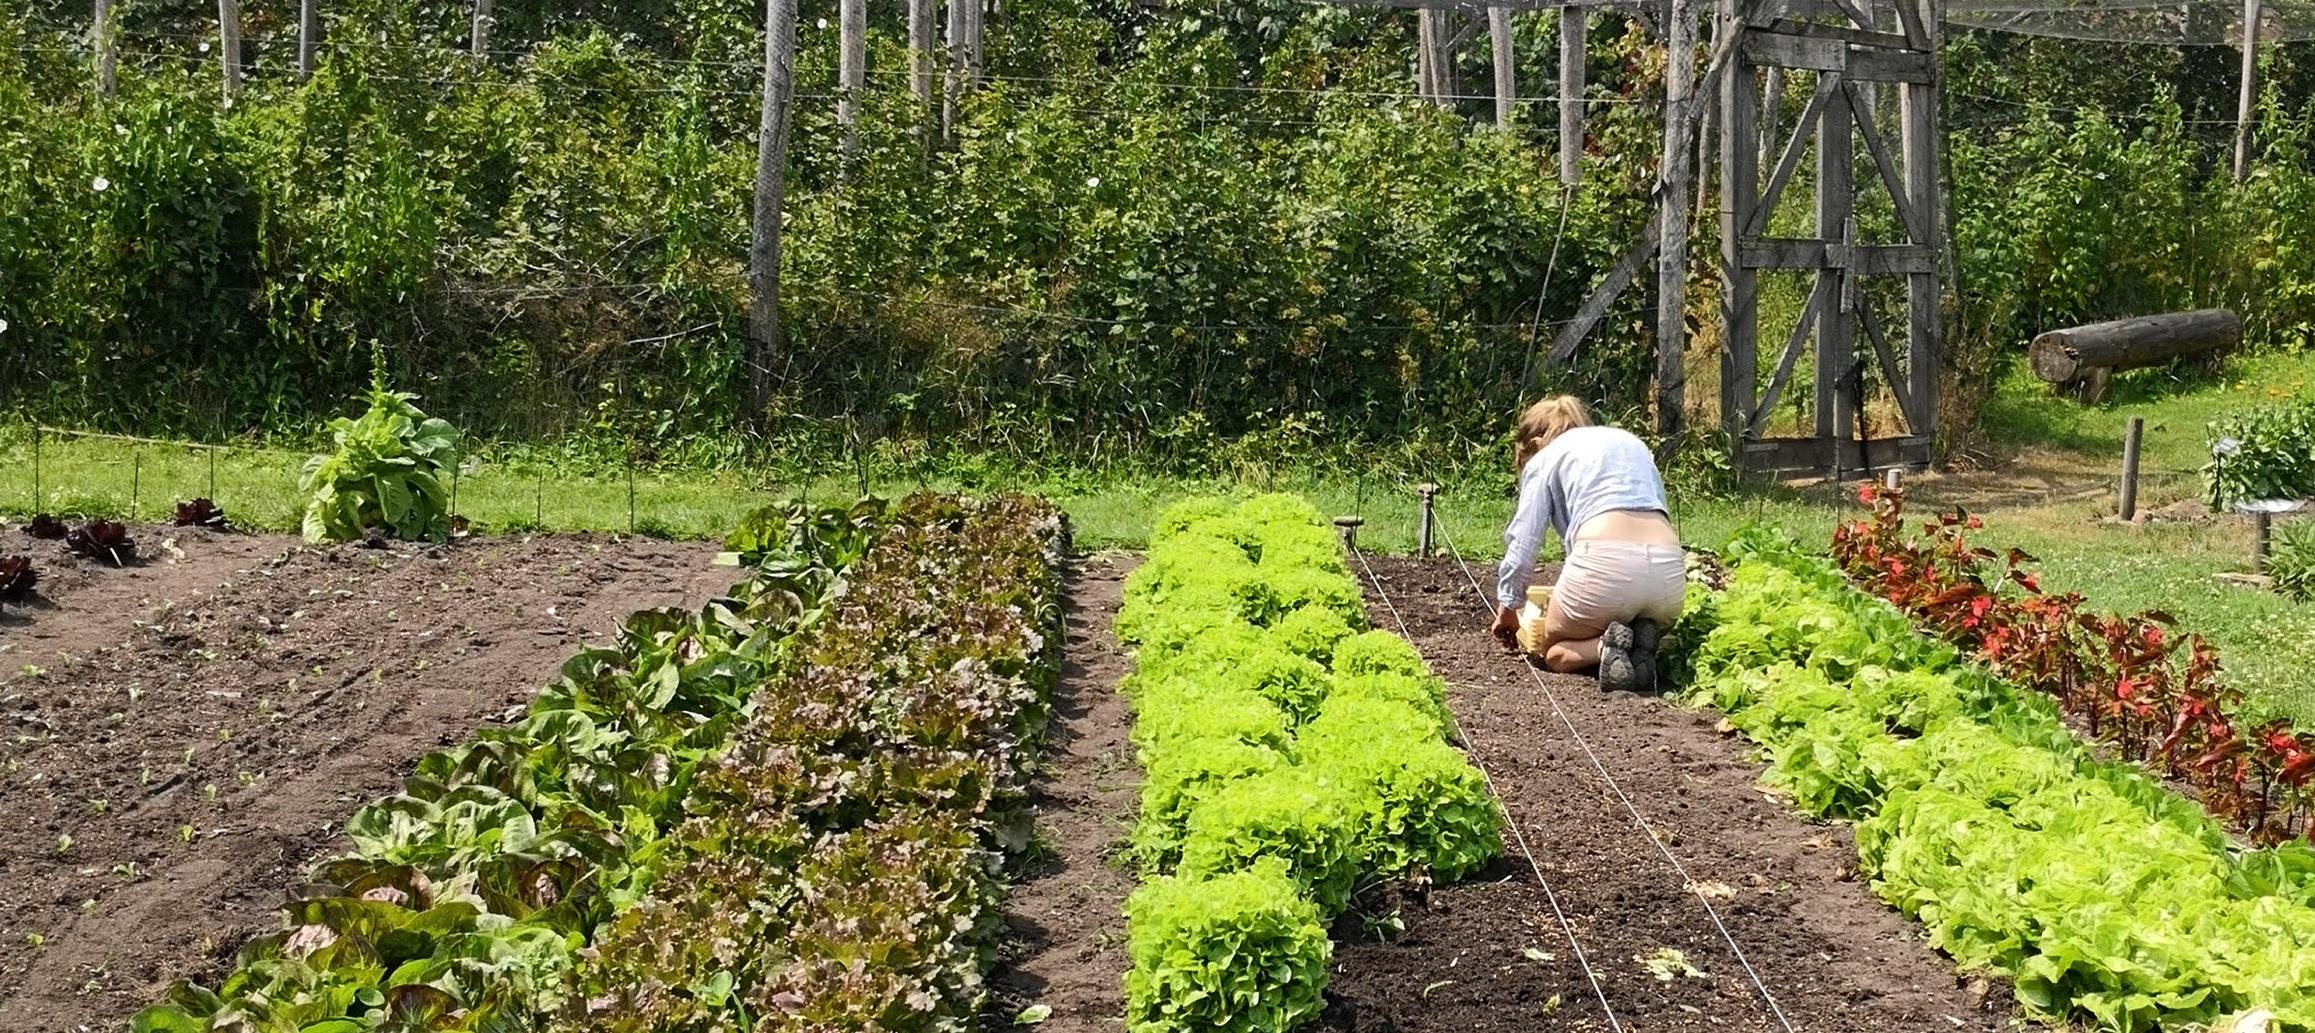 08-18 Esther sla planten 2.jpg